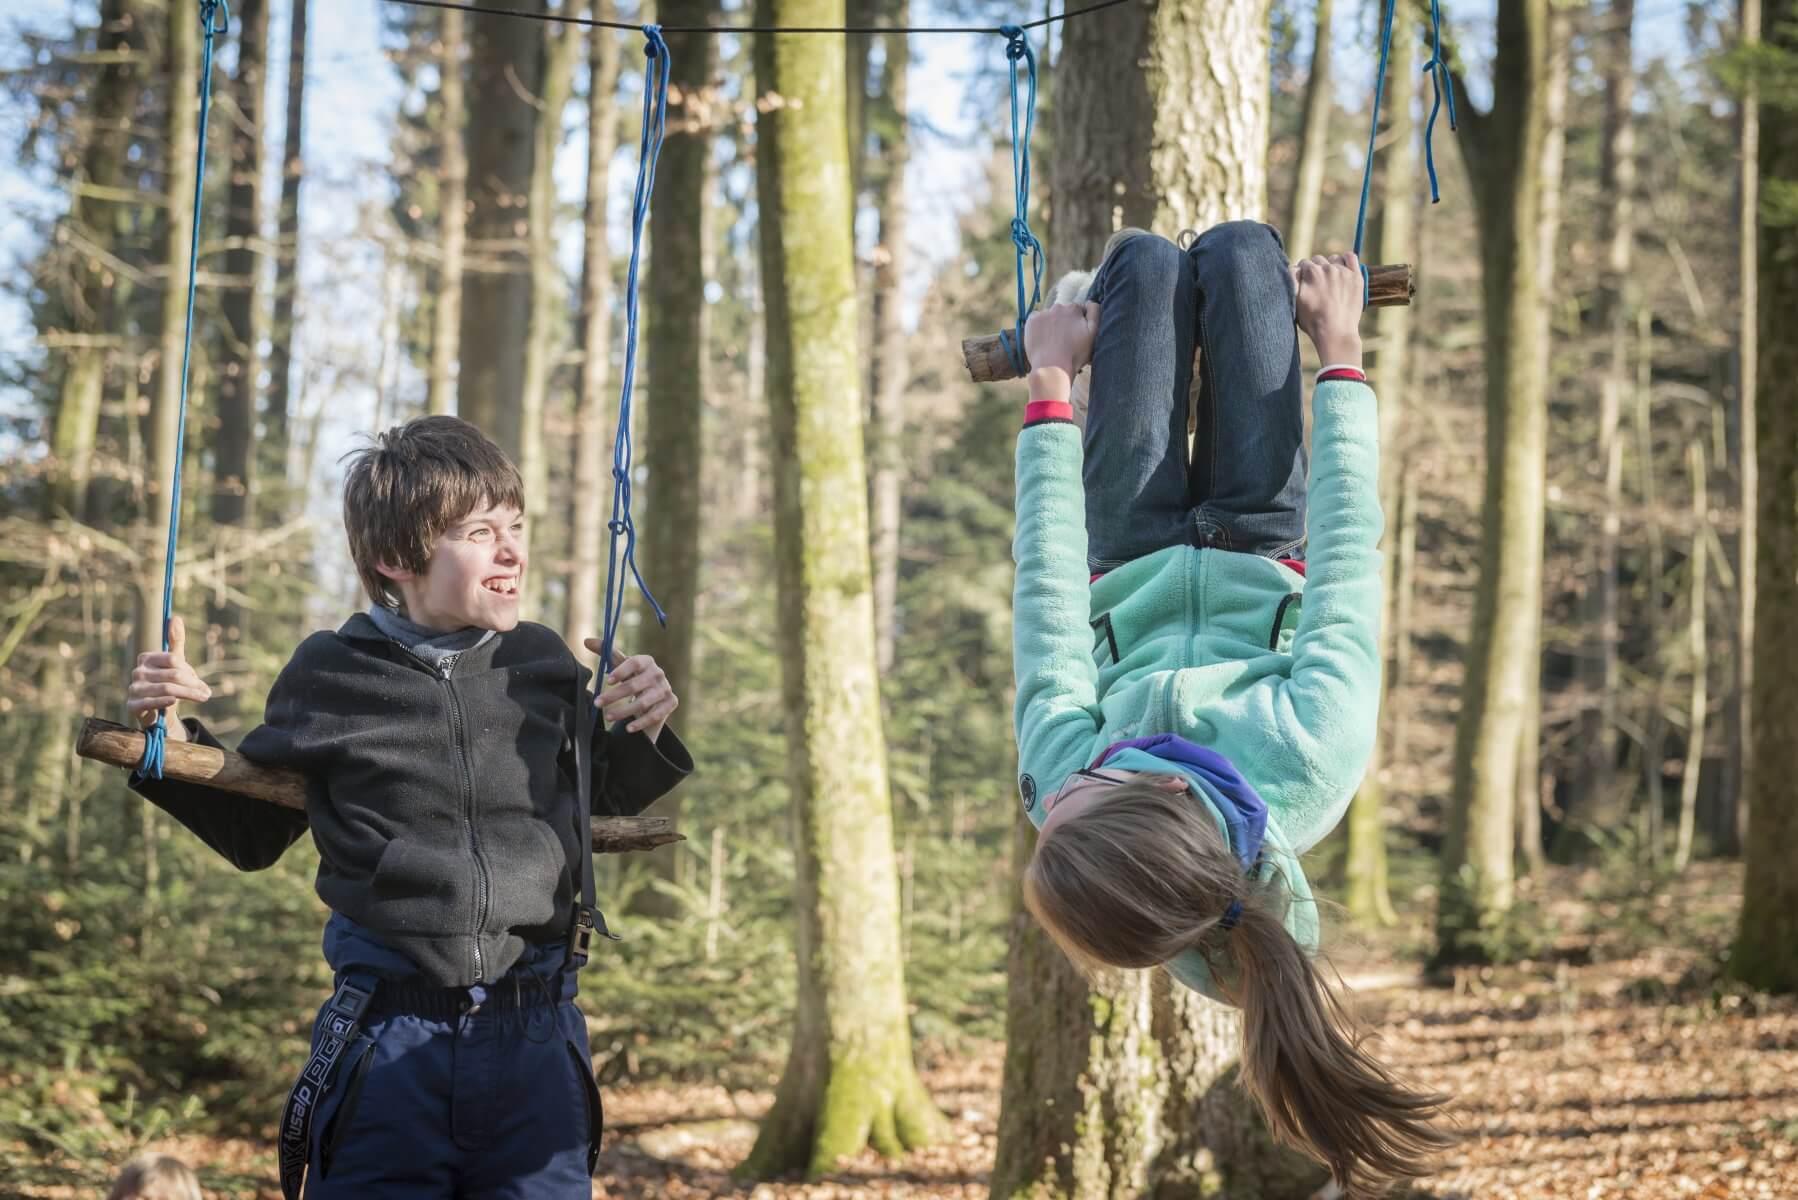 Comment Fixer Une Balançoire À Une Branche D Arbre balançoire en trapèze – pour se balancer, voltiger, tourner